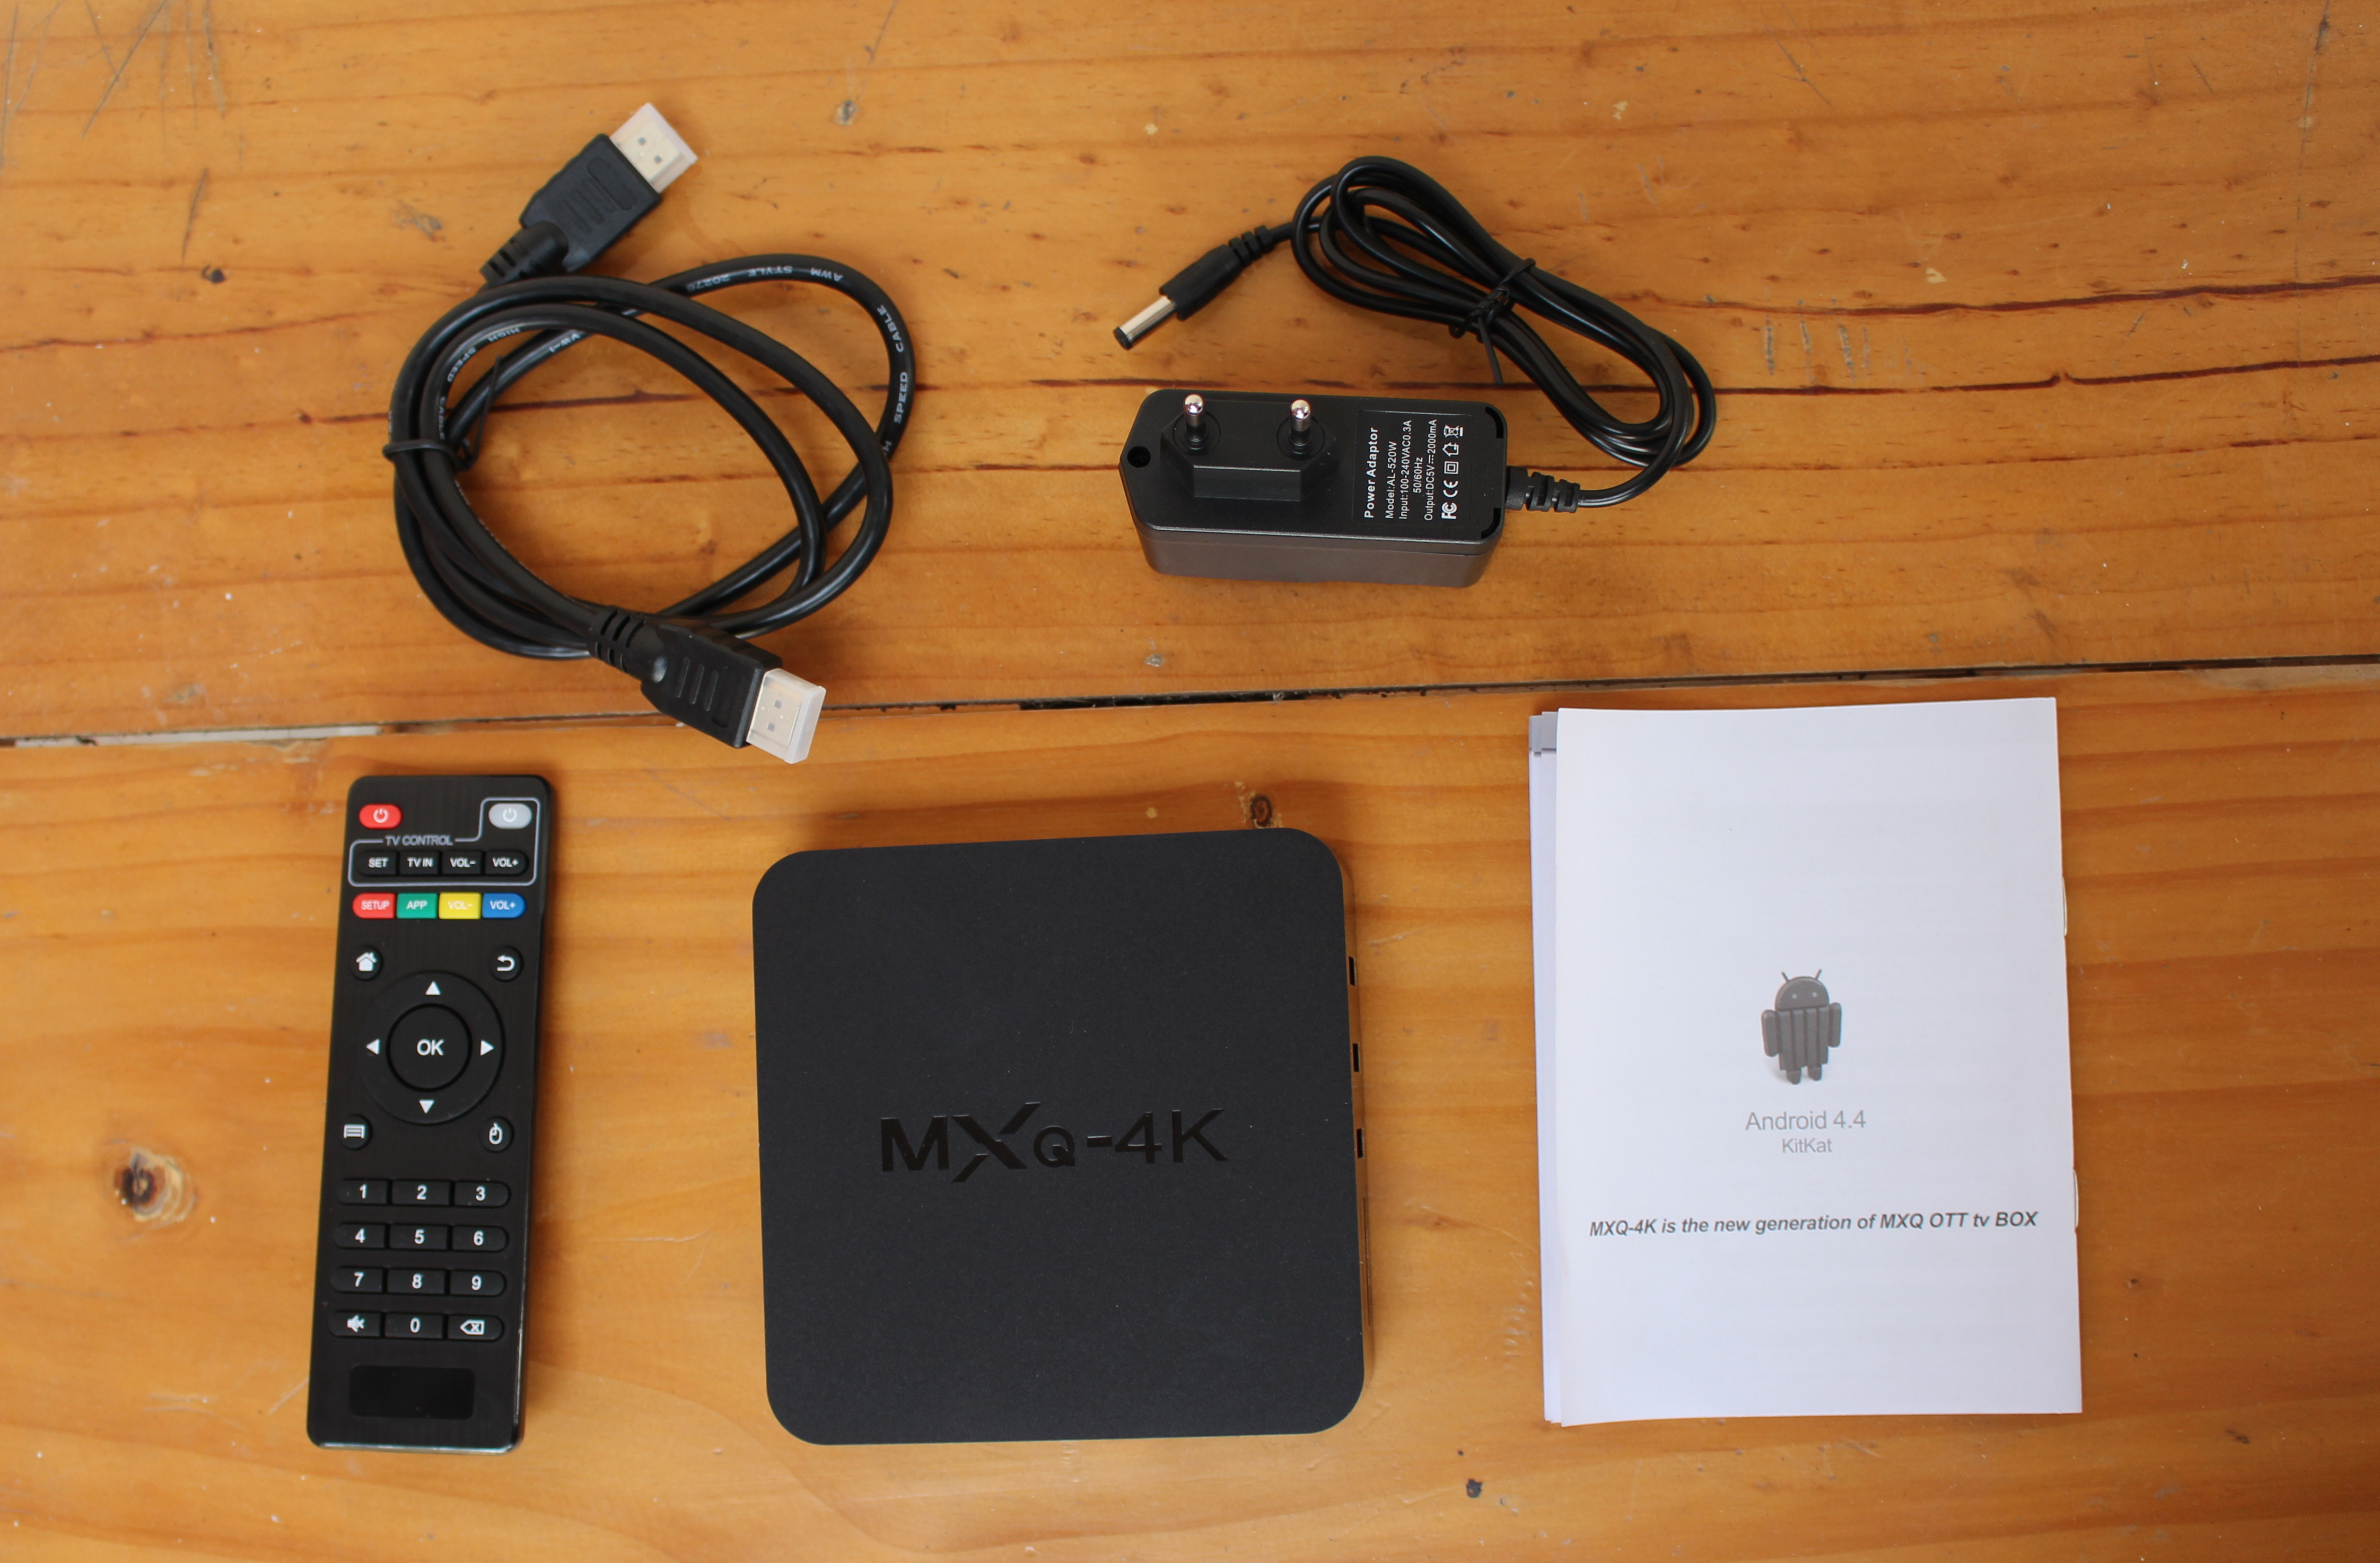 como instalar tv box mxq 4k